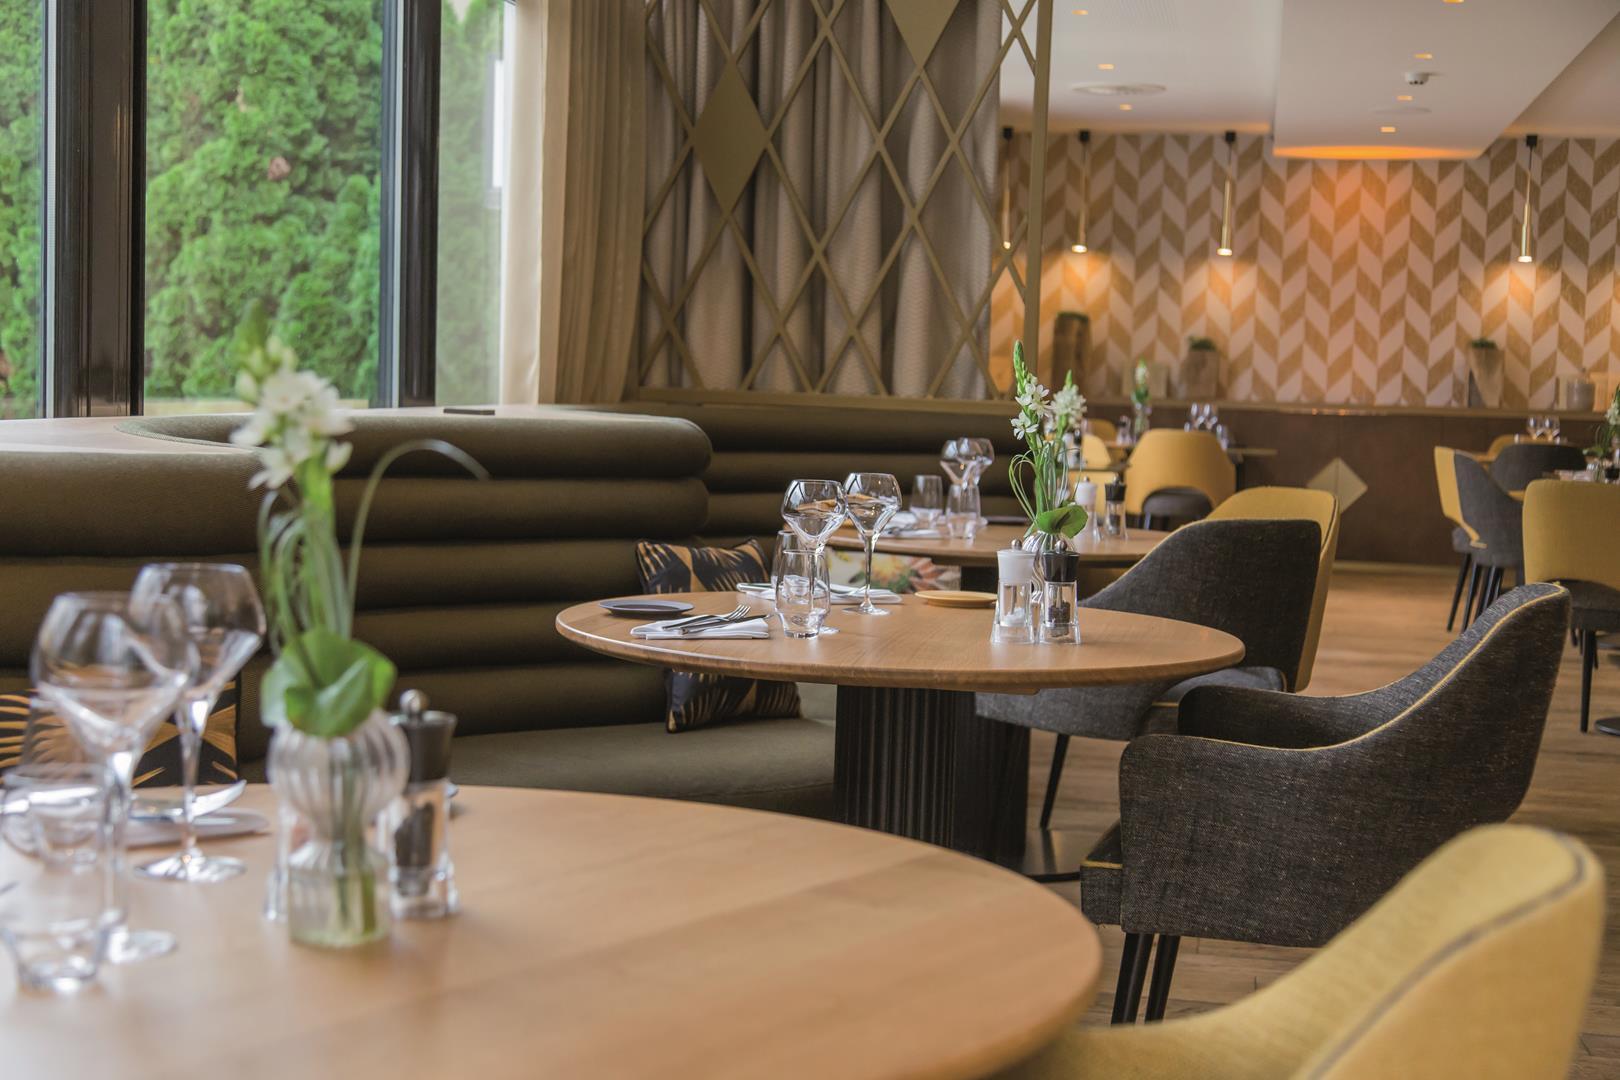 le ch teau bourgogne une cuisine pleine de charme dans un d cor tr s cosy arts gastronomie. Black Bedroom Furniture Sets. Home Design Ideas